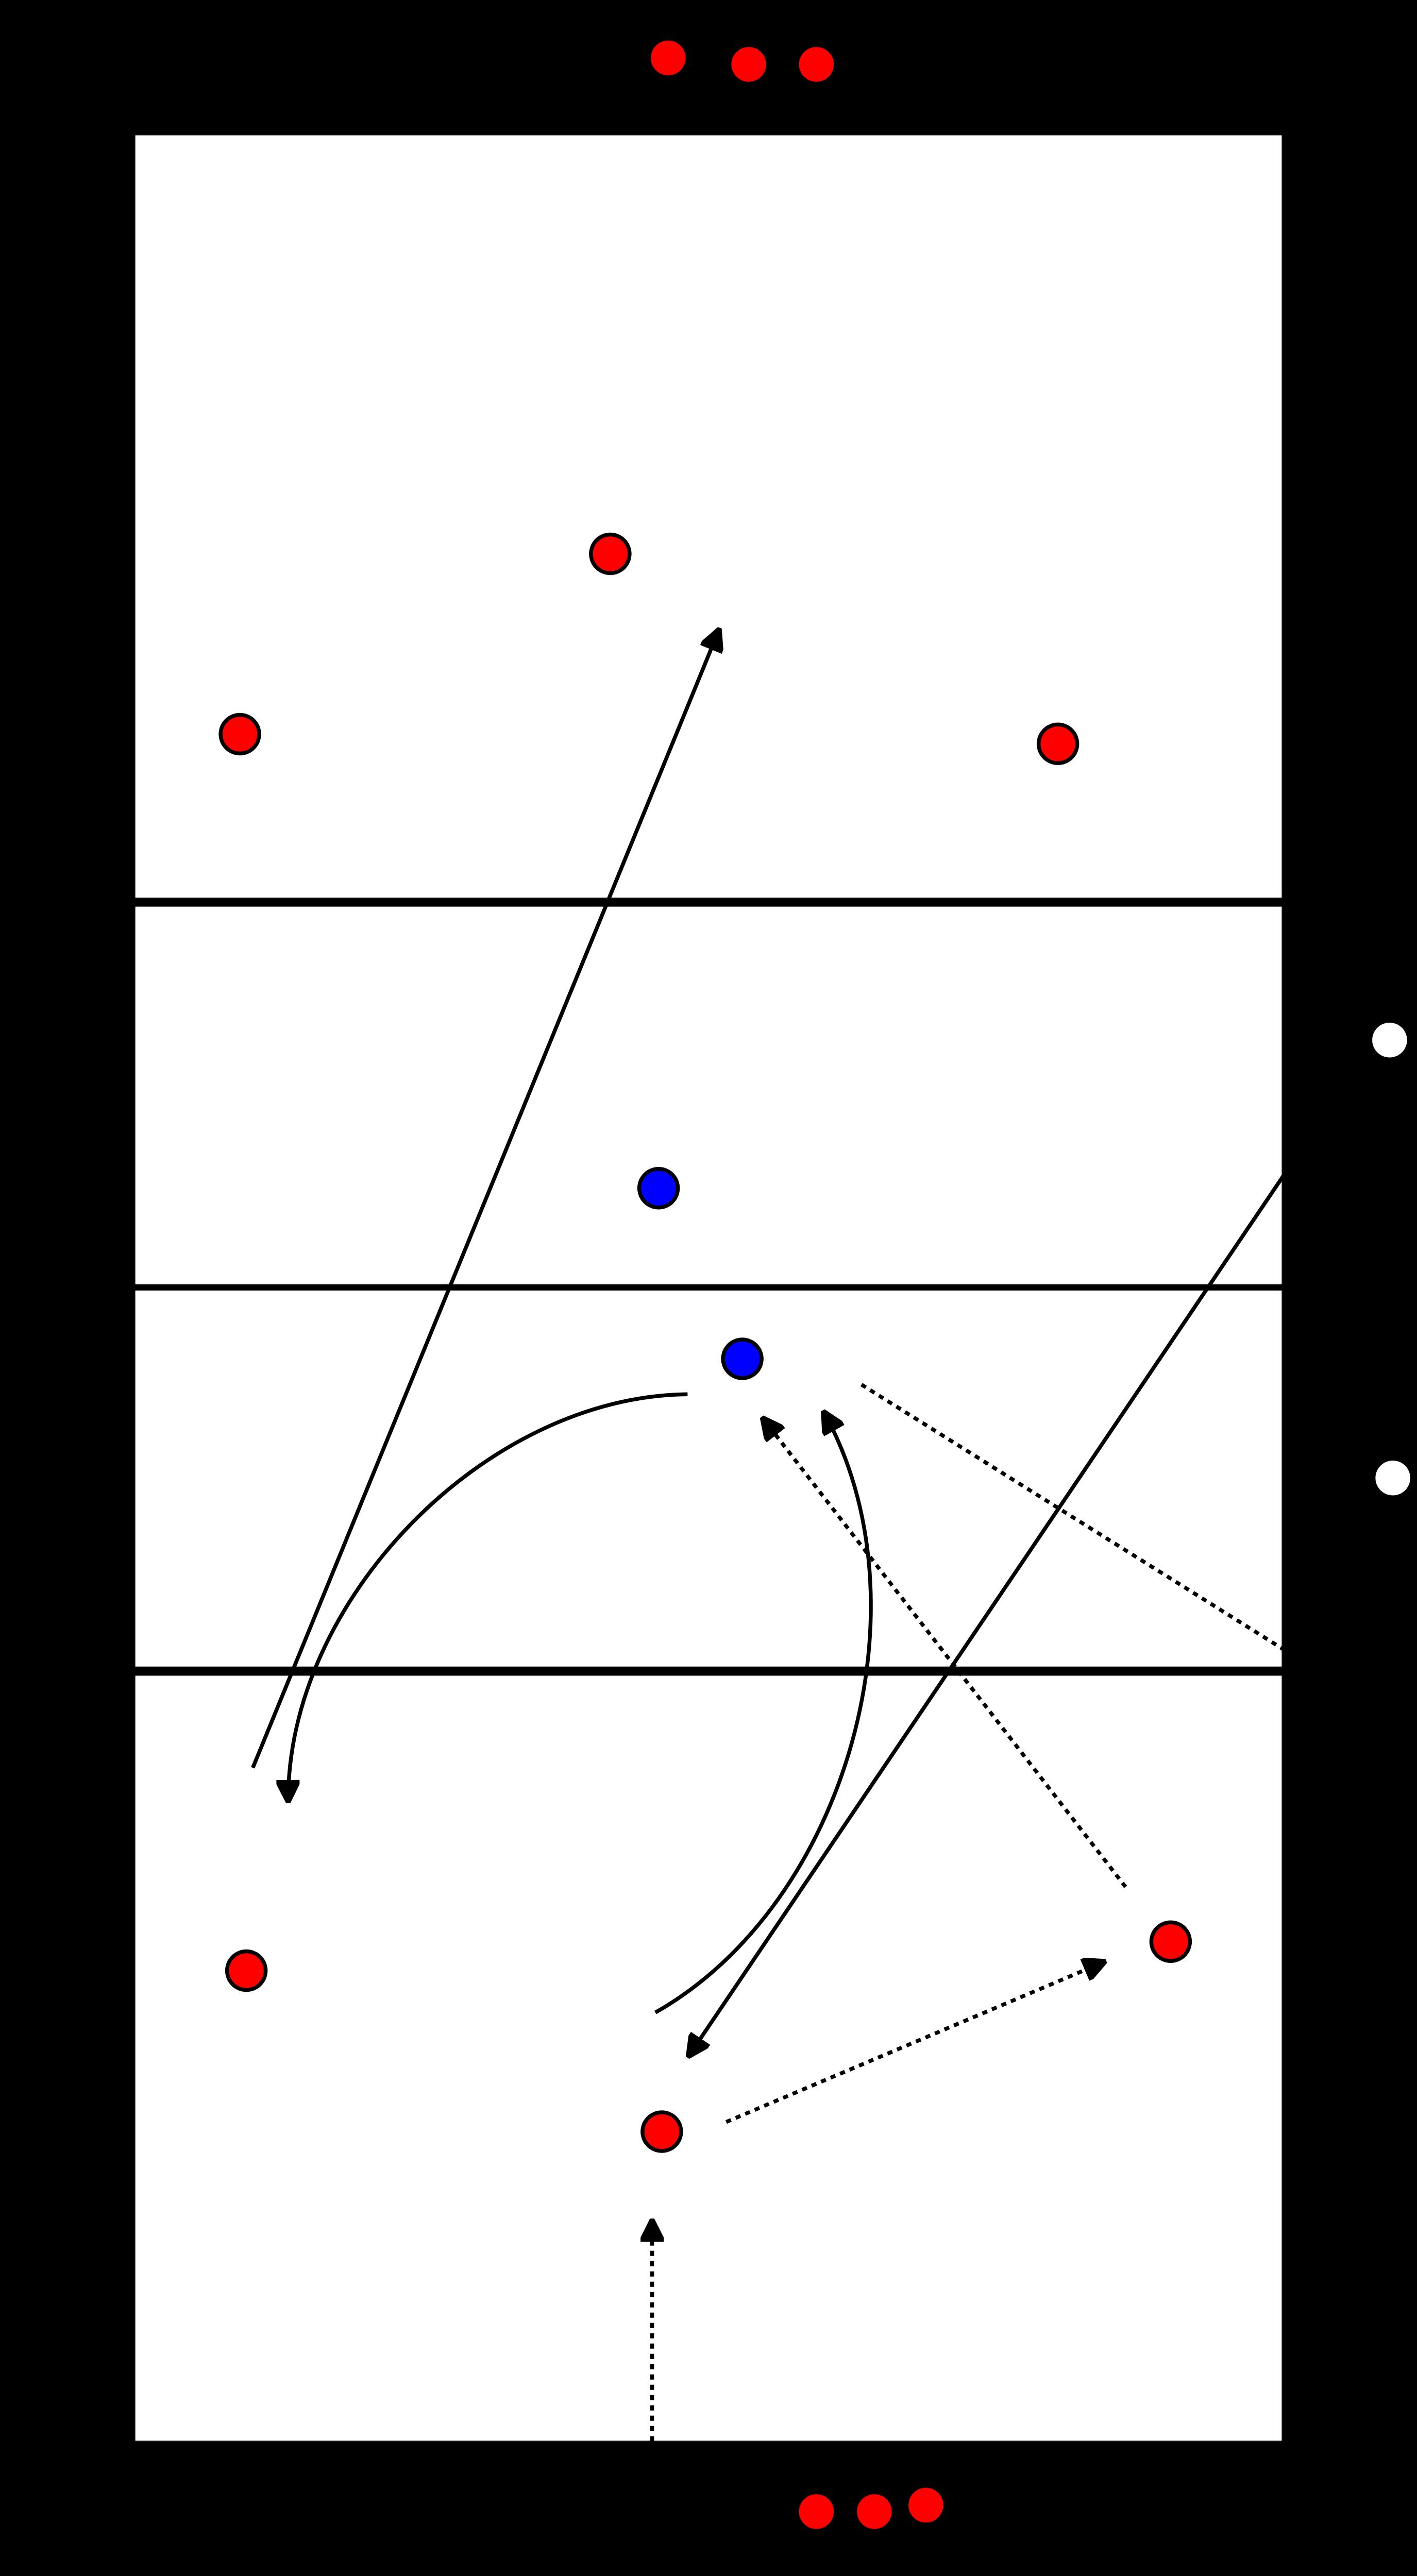 verdediging-en-aanval-3-meter-7